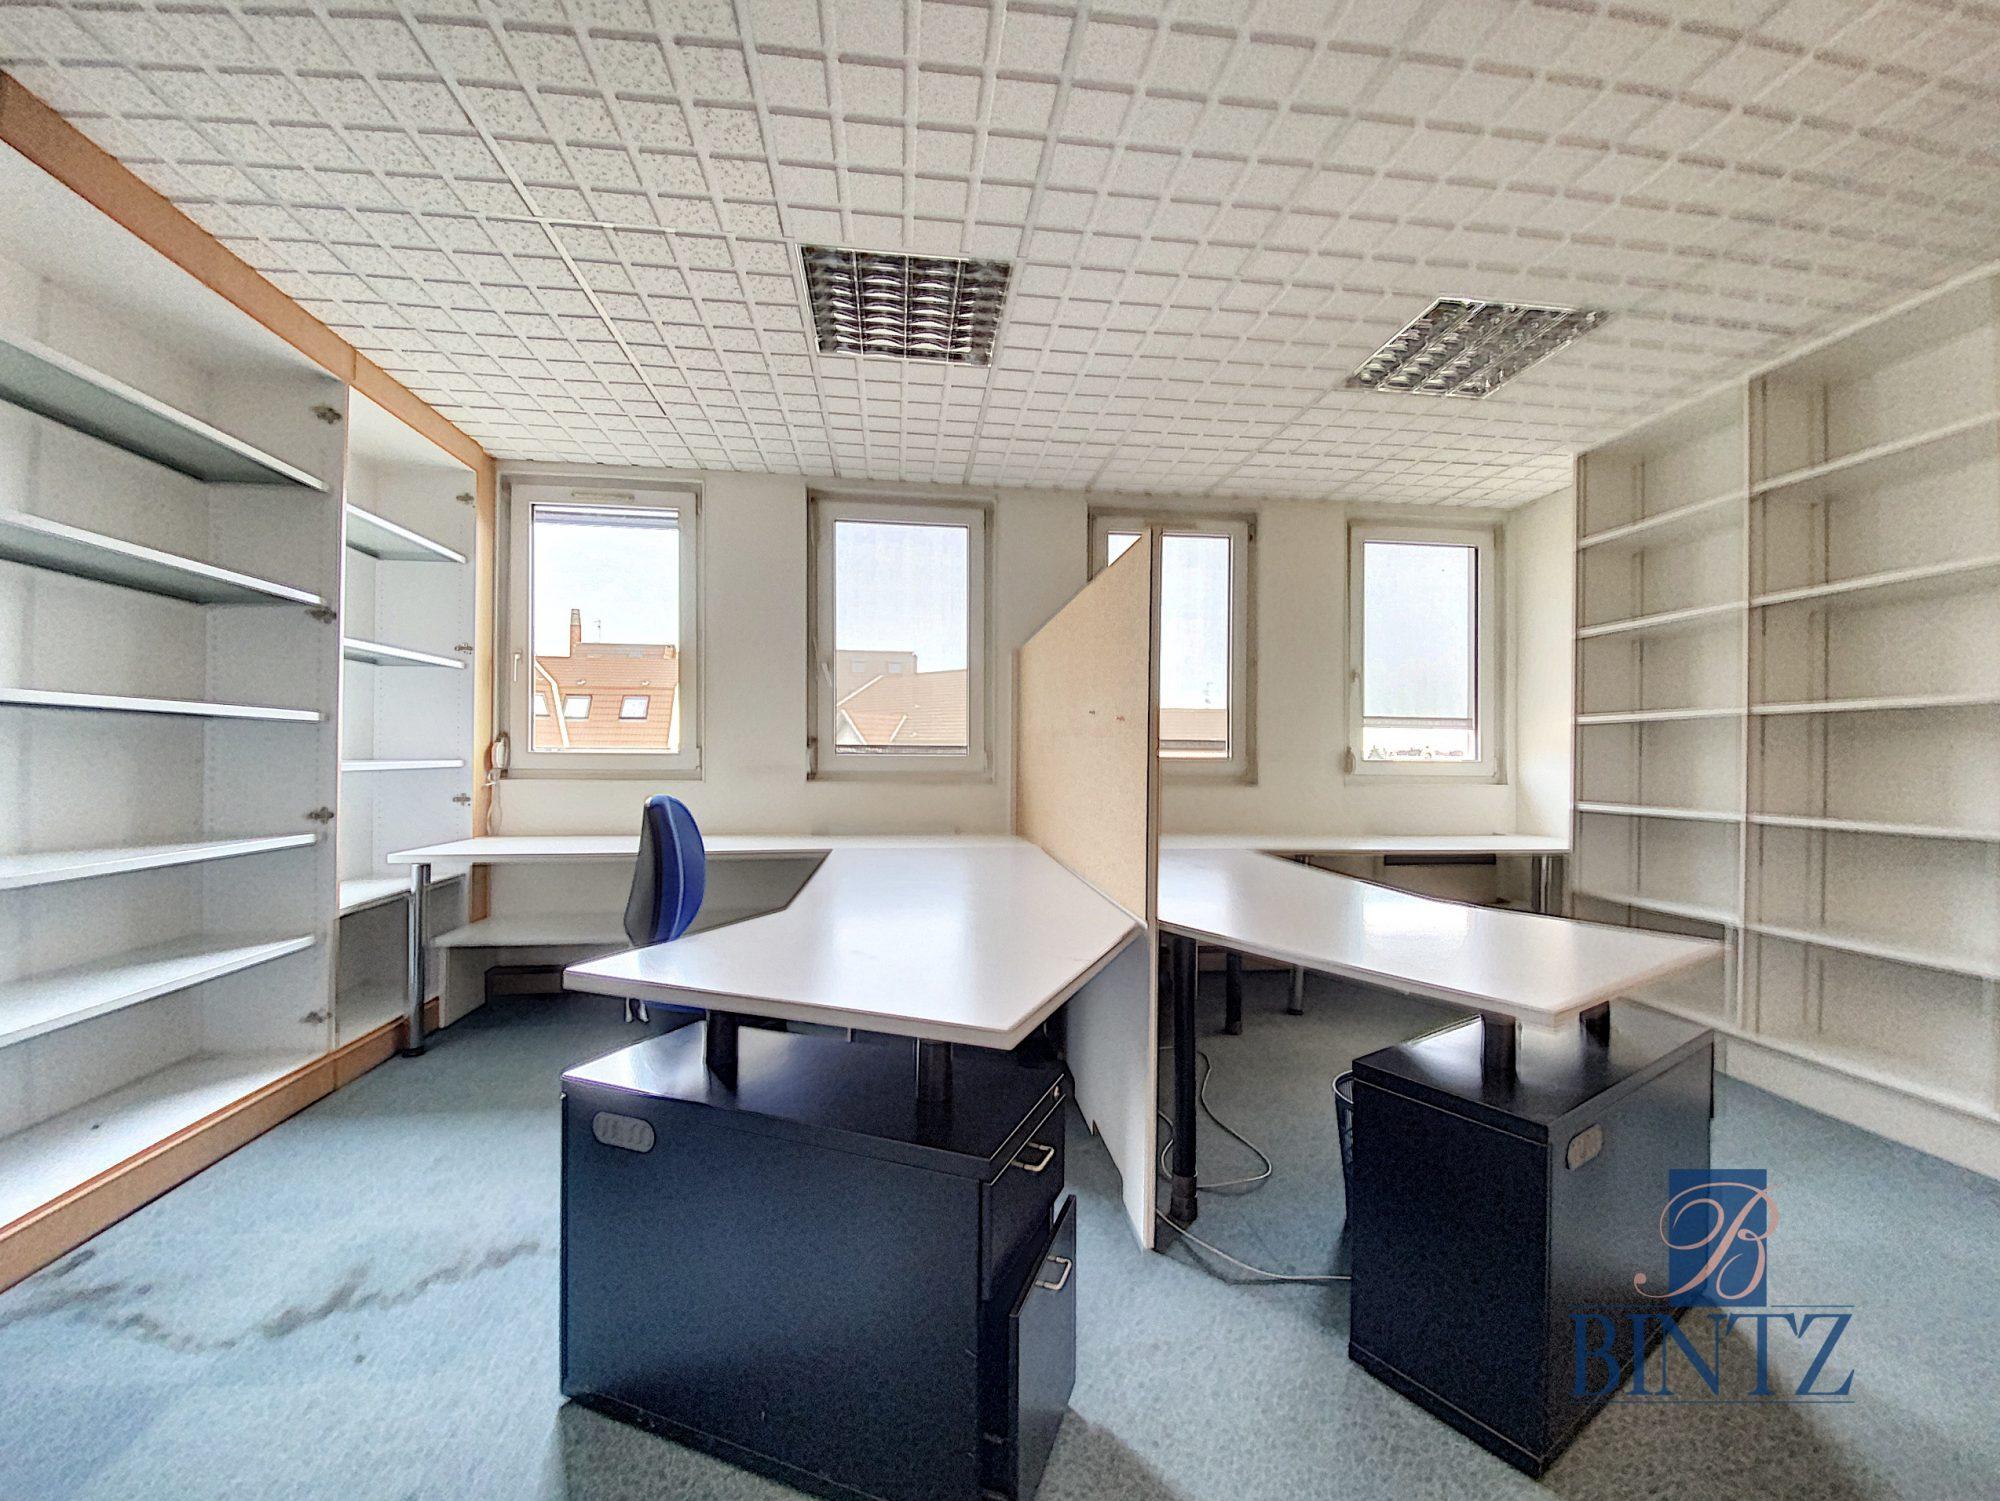 Bureaux à louer – 250m2 Quartier Fisher à Schiltigheim - Devenez locataire en toute sérénité - Bintz Immobilier - 15